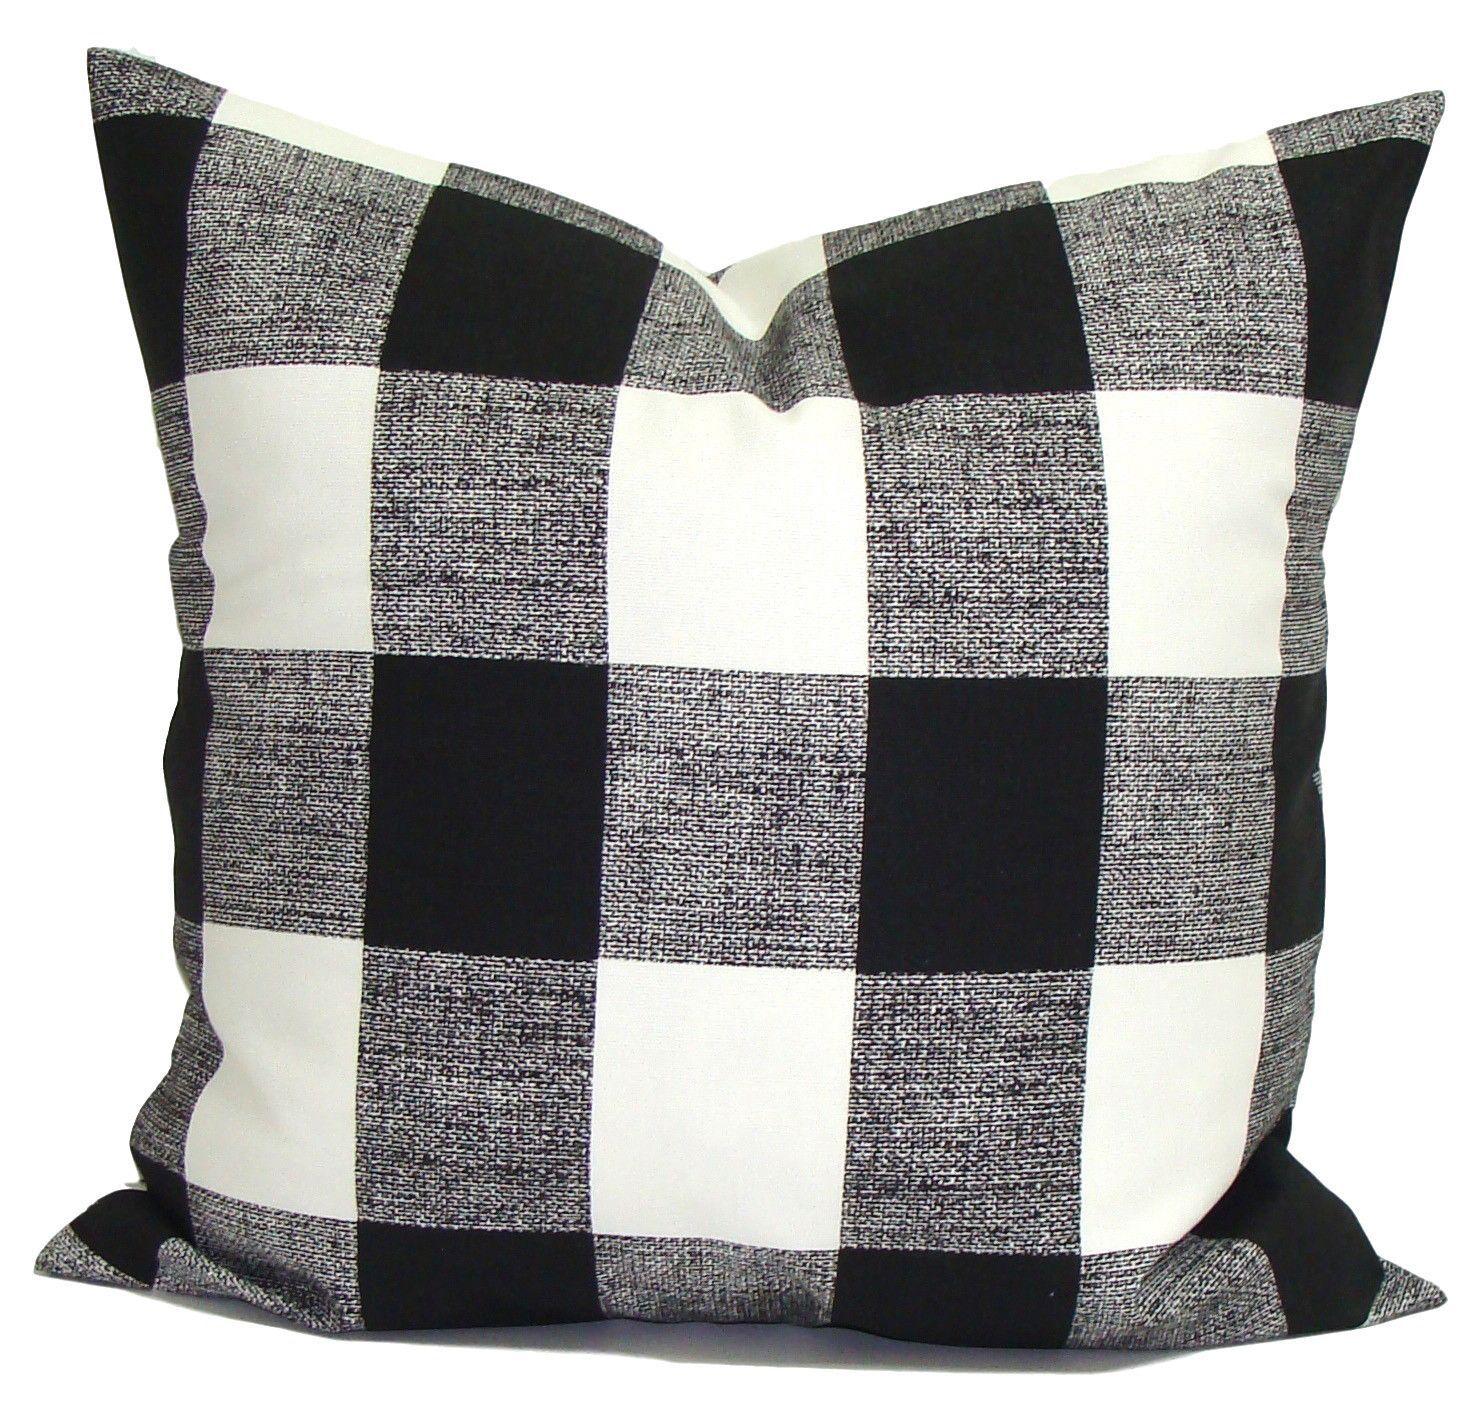 Black White Buffalo Check Buffalo Check Pillows Outdoor Pillow Covers Fall Pillows